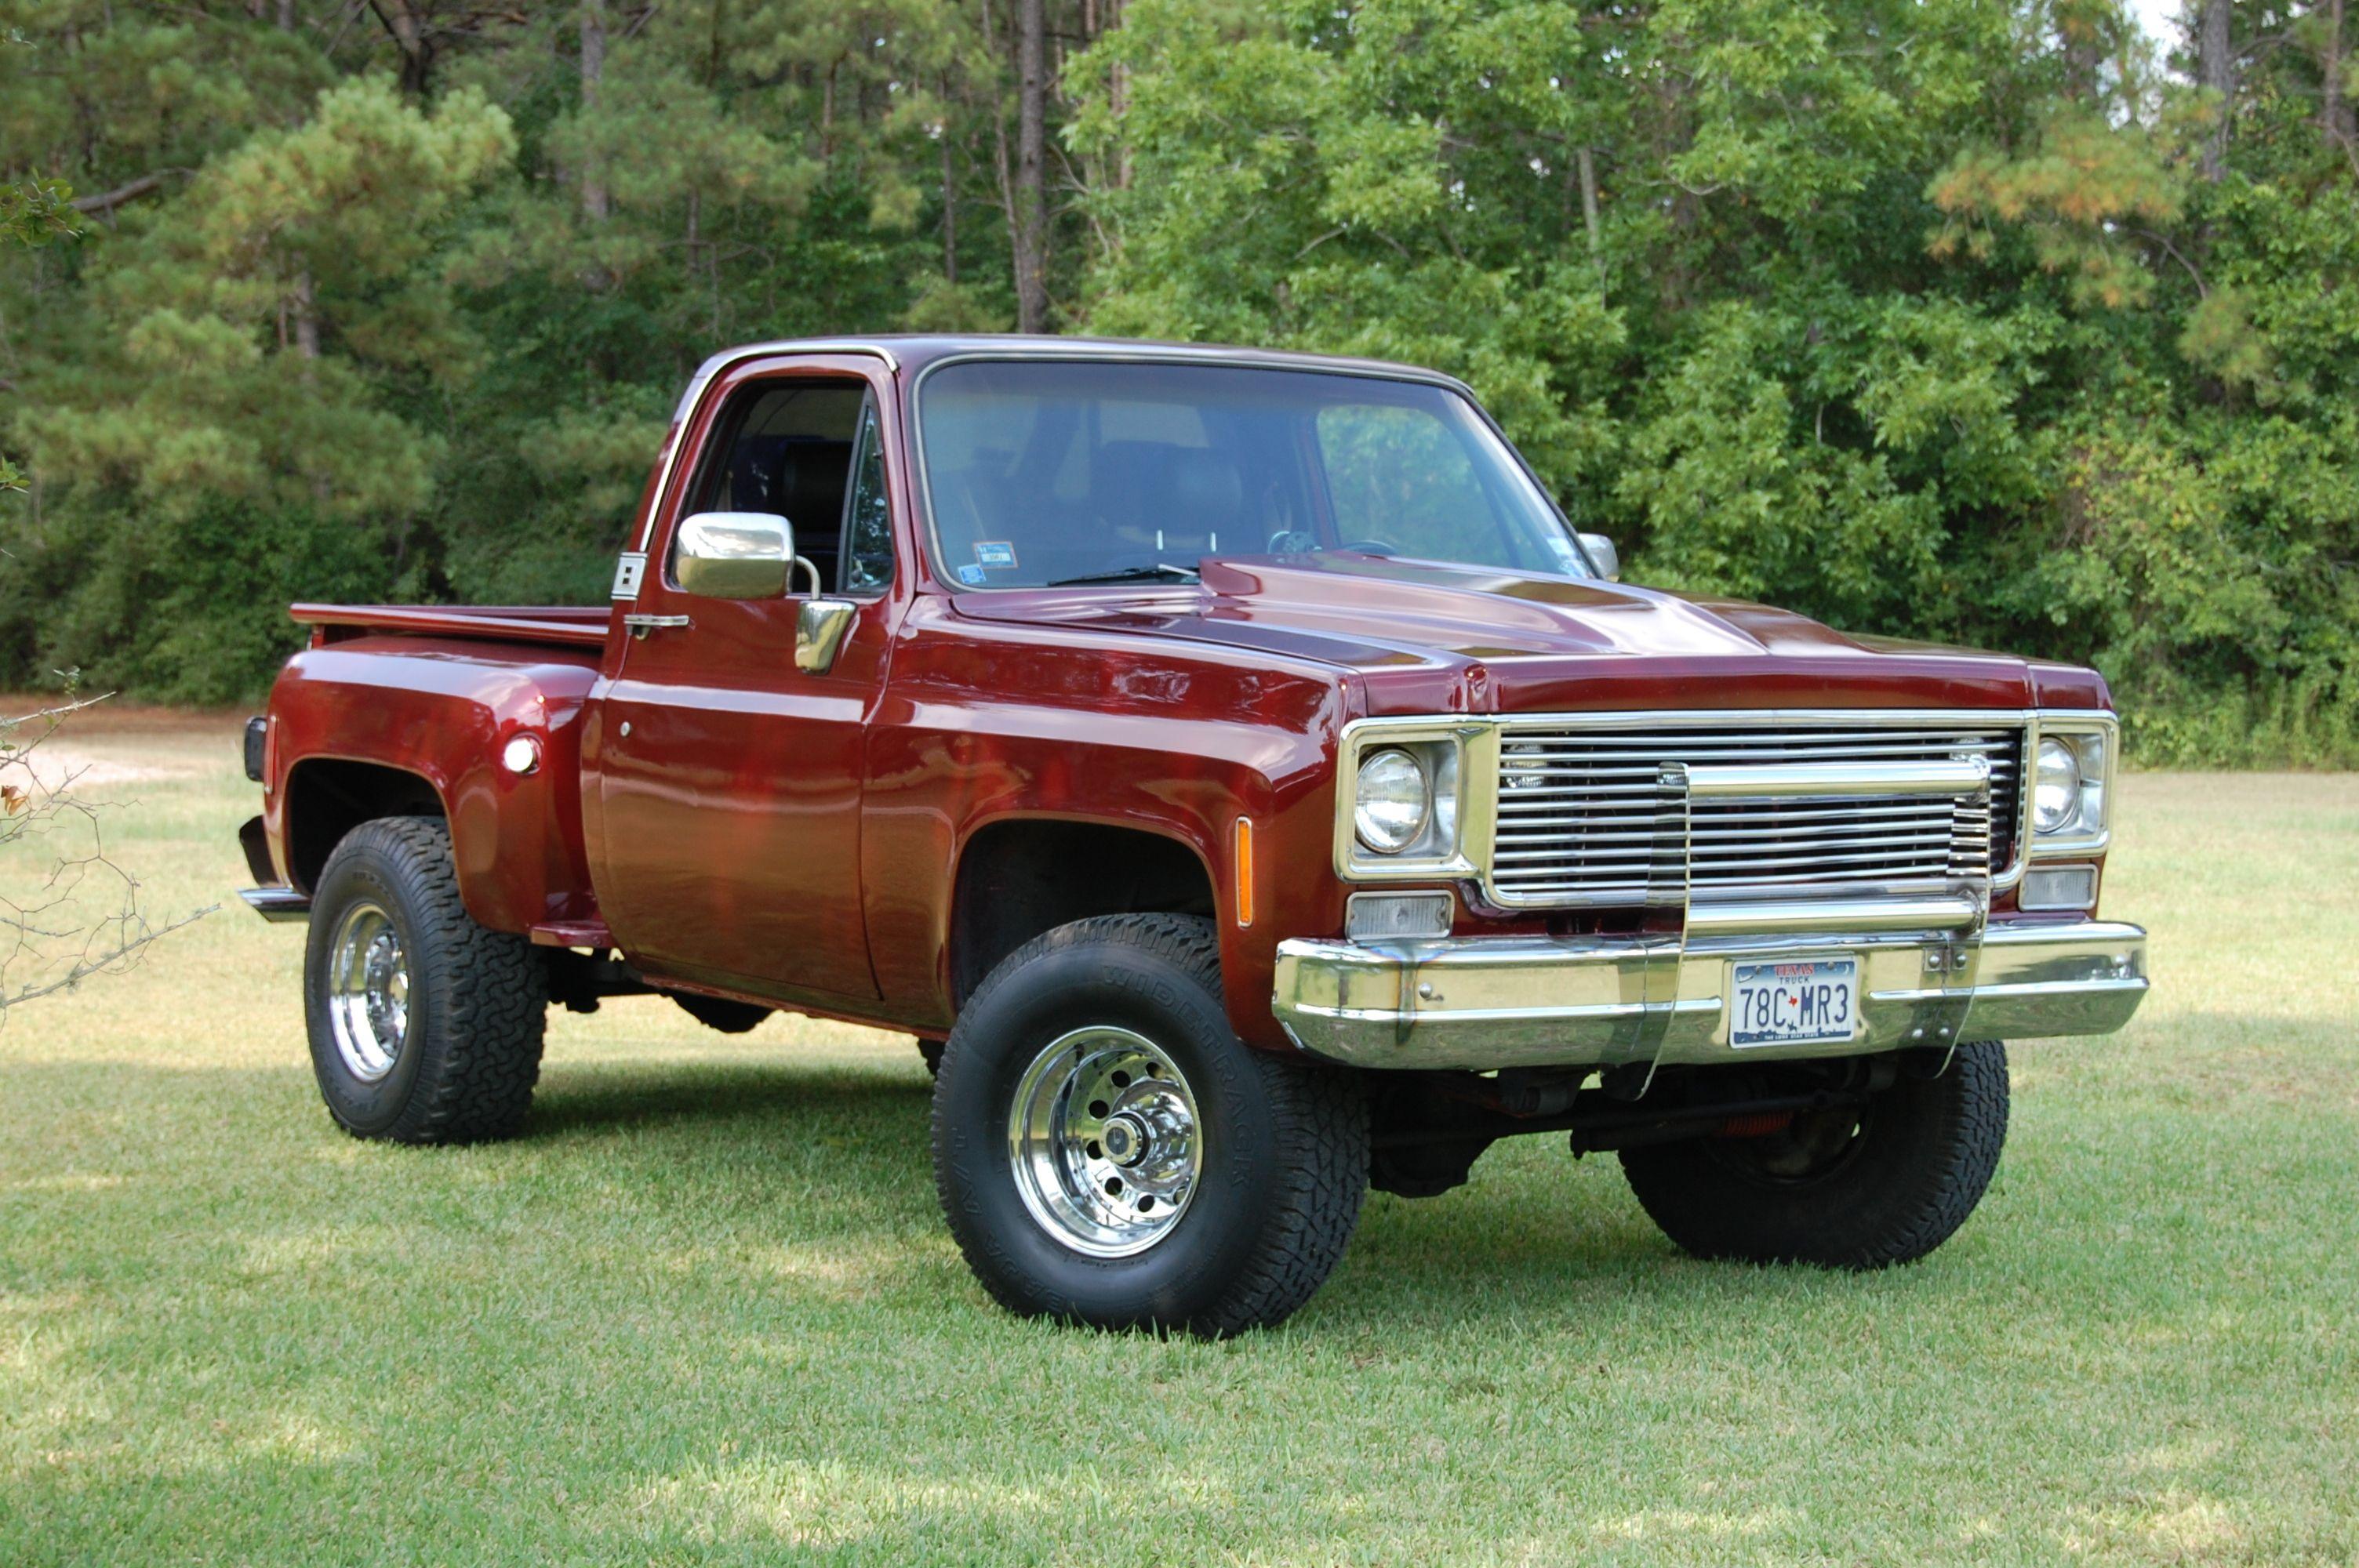 1978 Gmc Trucks Chevy Trucks Classic Gmc